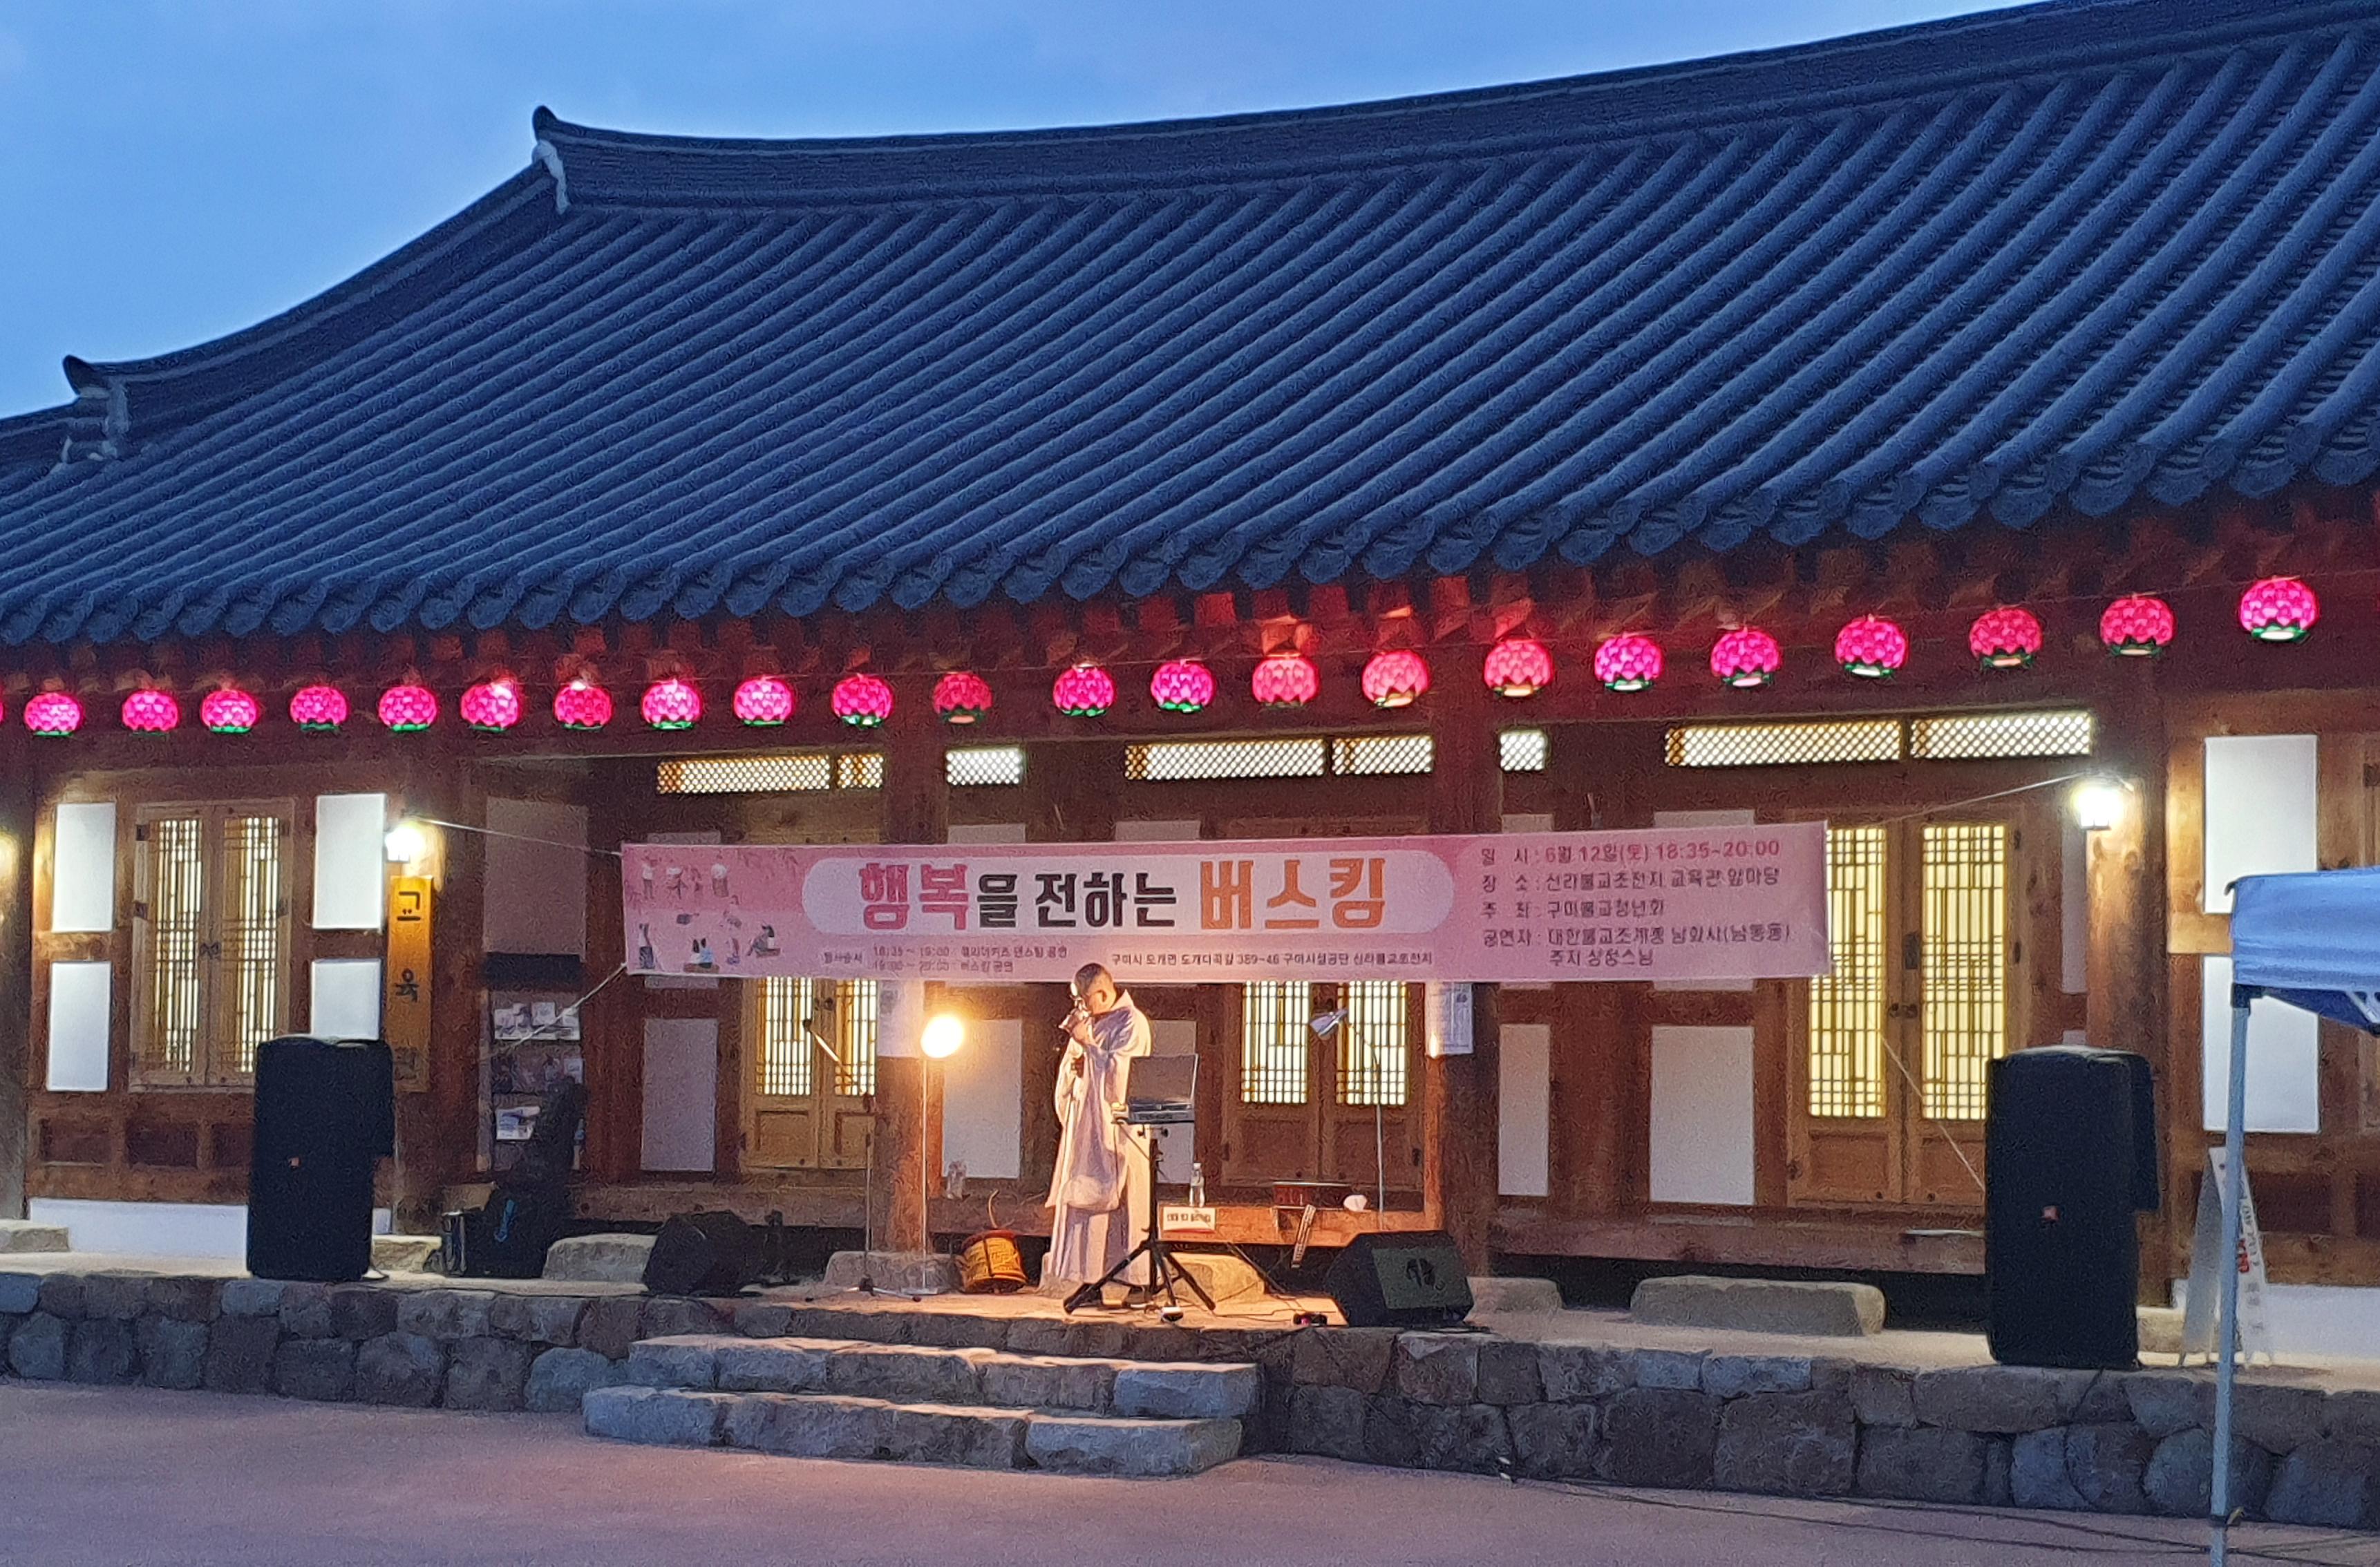 구미시설공단 신라불교초전지, 행복을 전하는 버스킹 공연